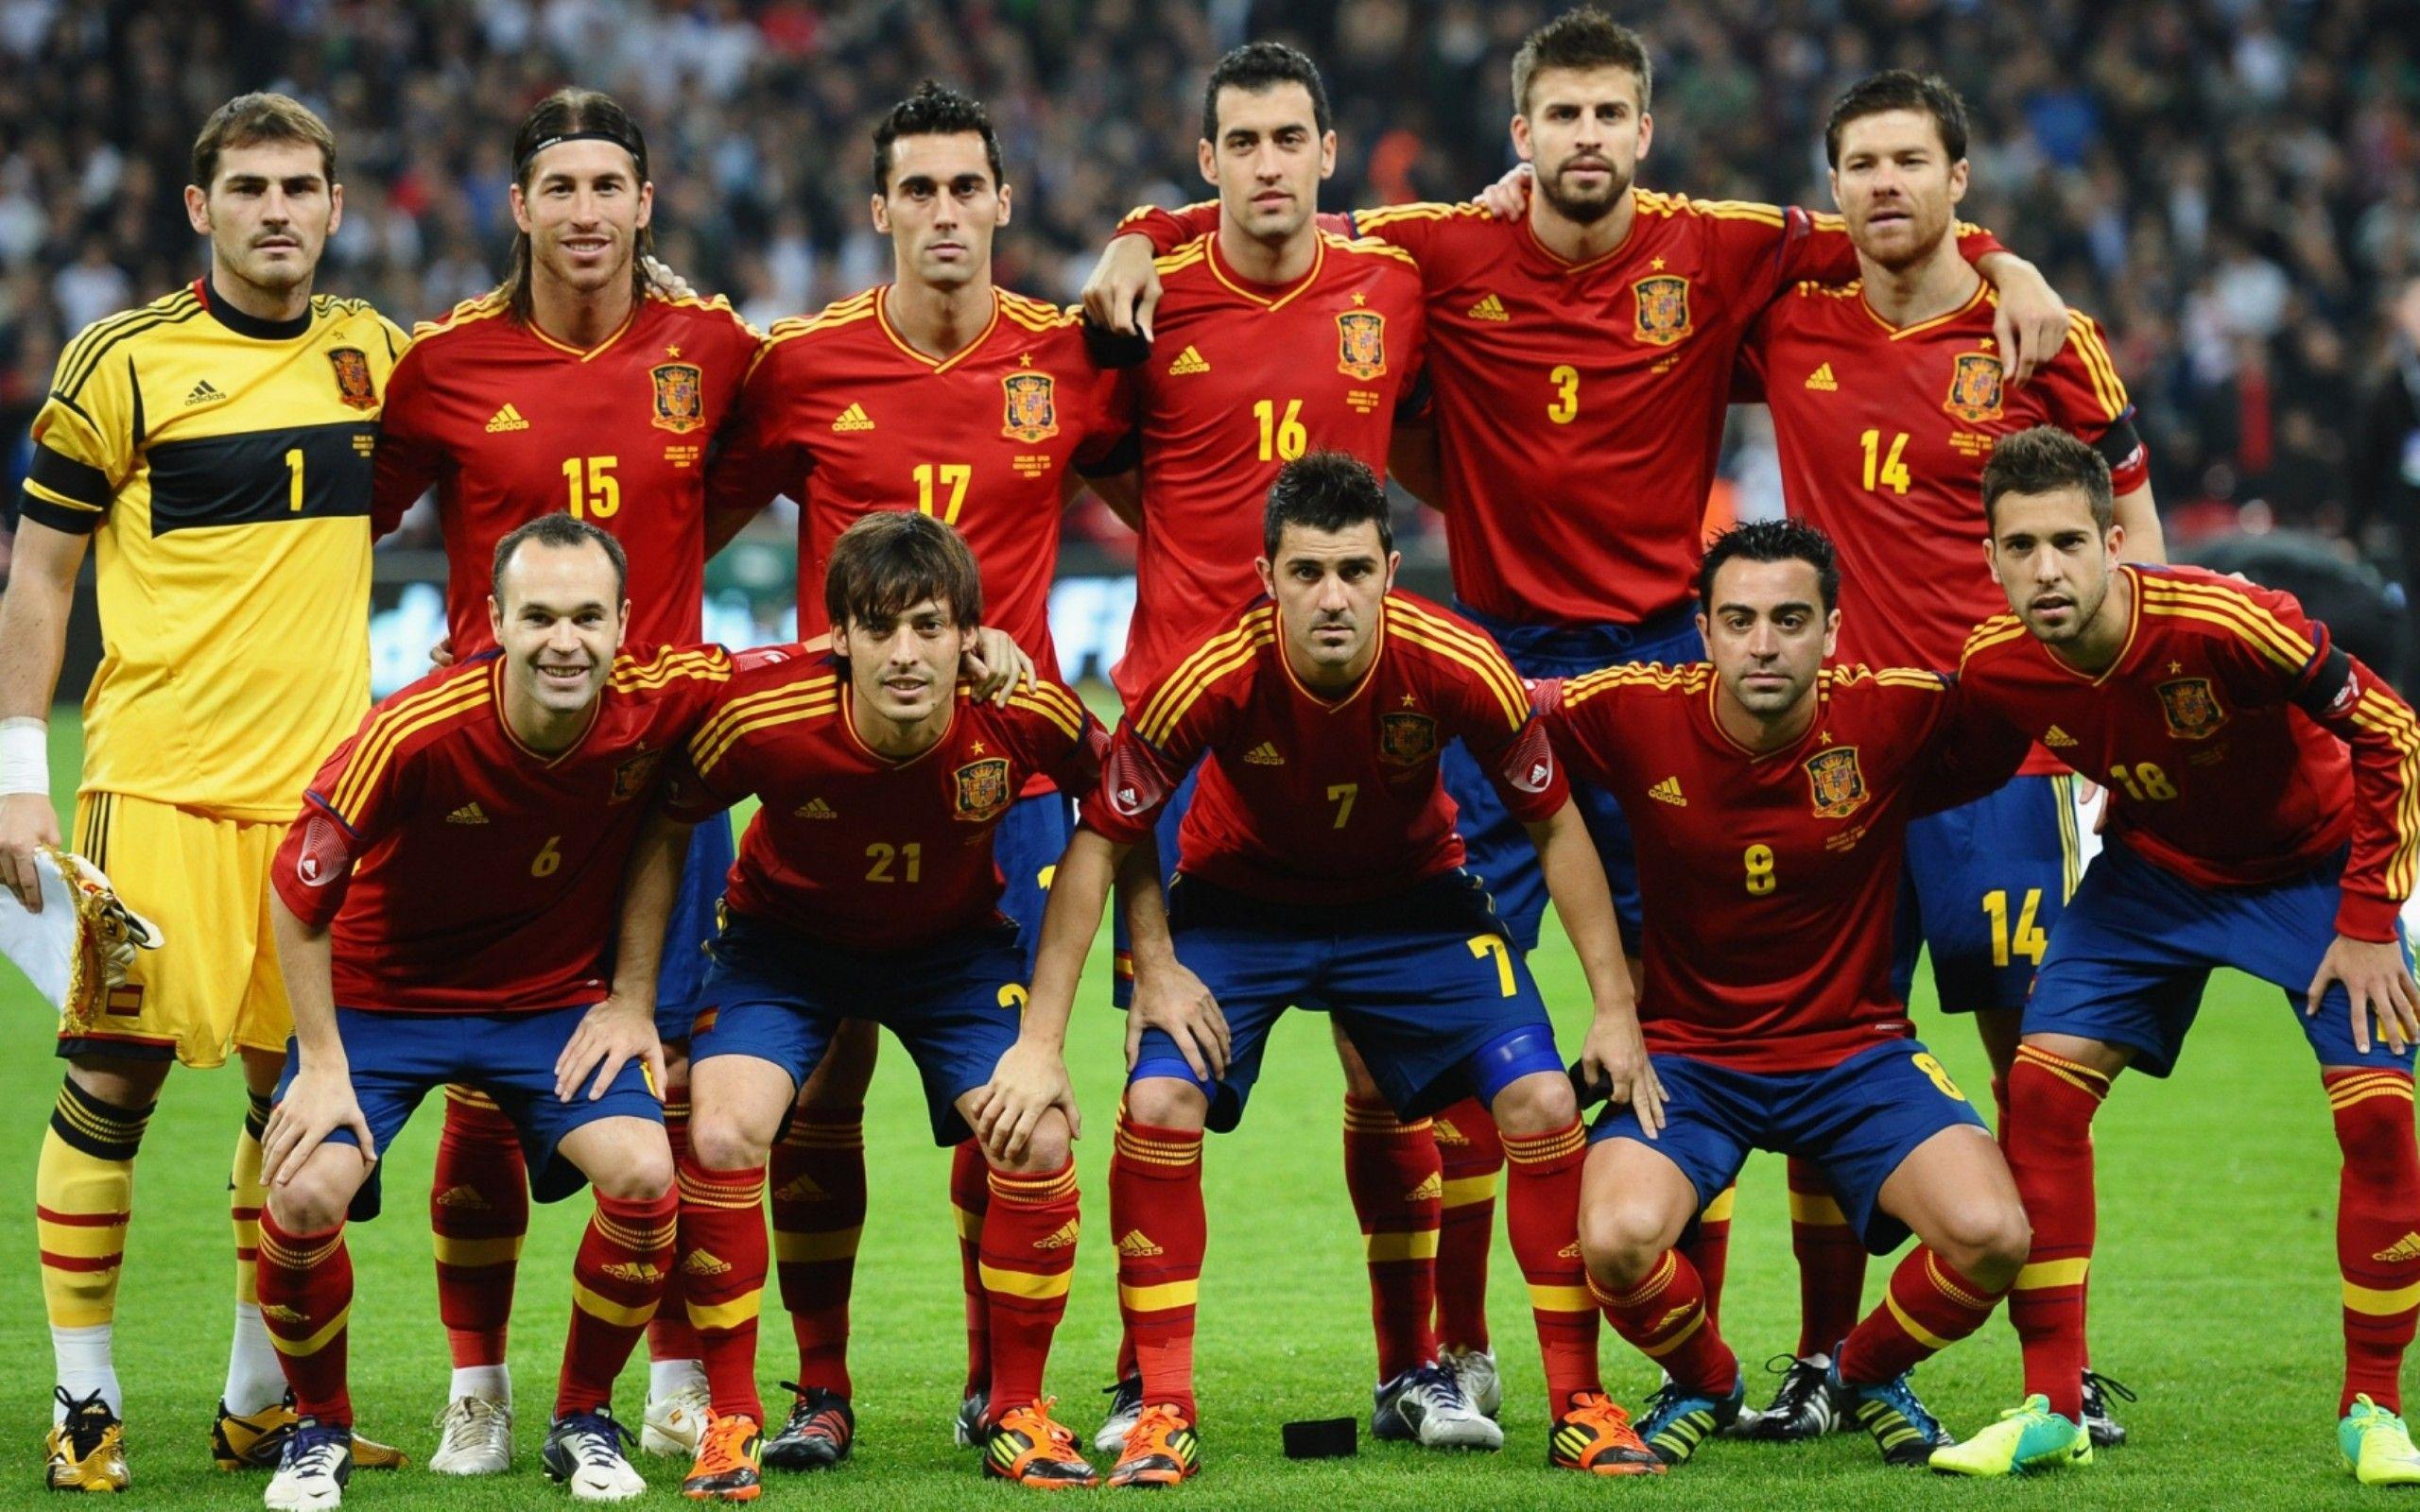 لیست اسامی بازیکنان تیم ملی اسپانیا برای بازی مقابل پرتغال